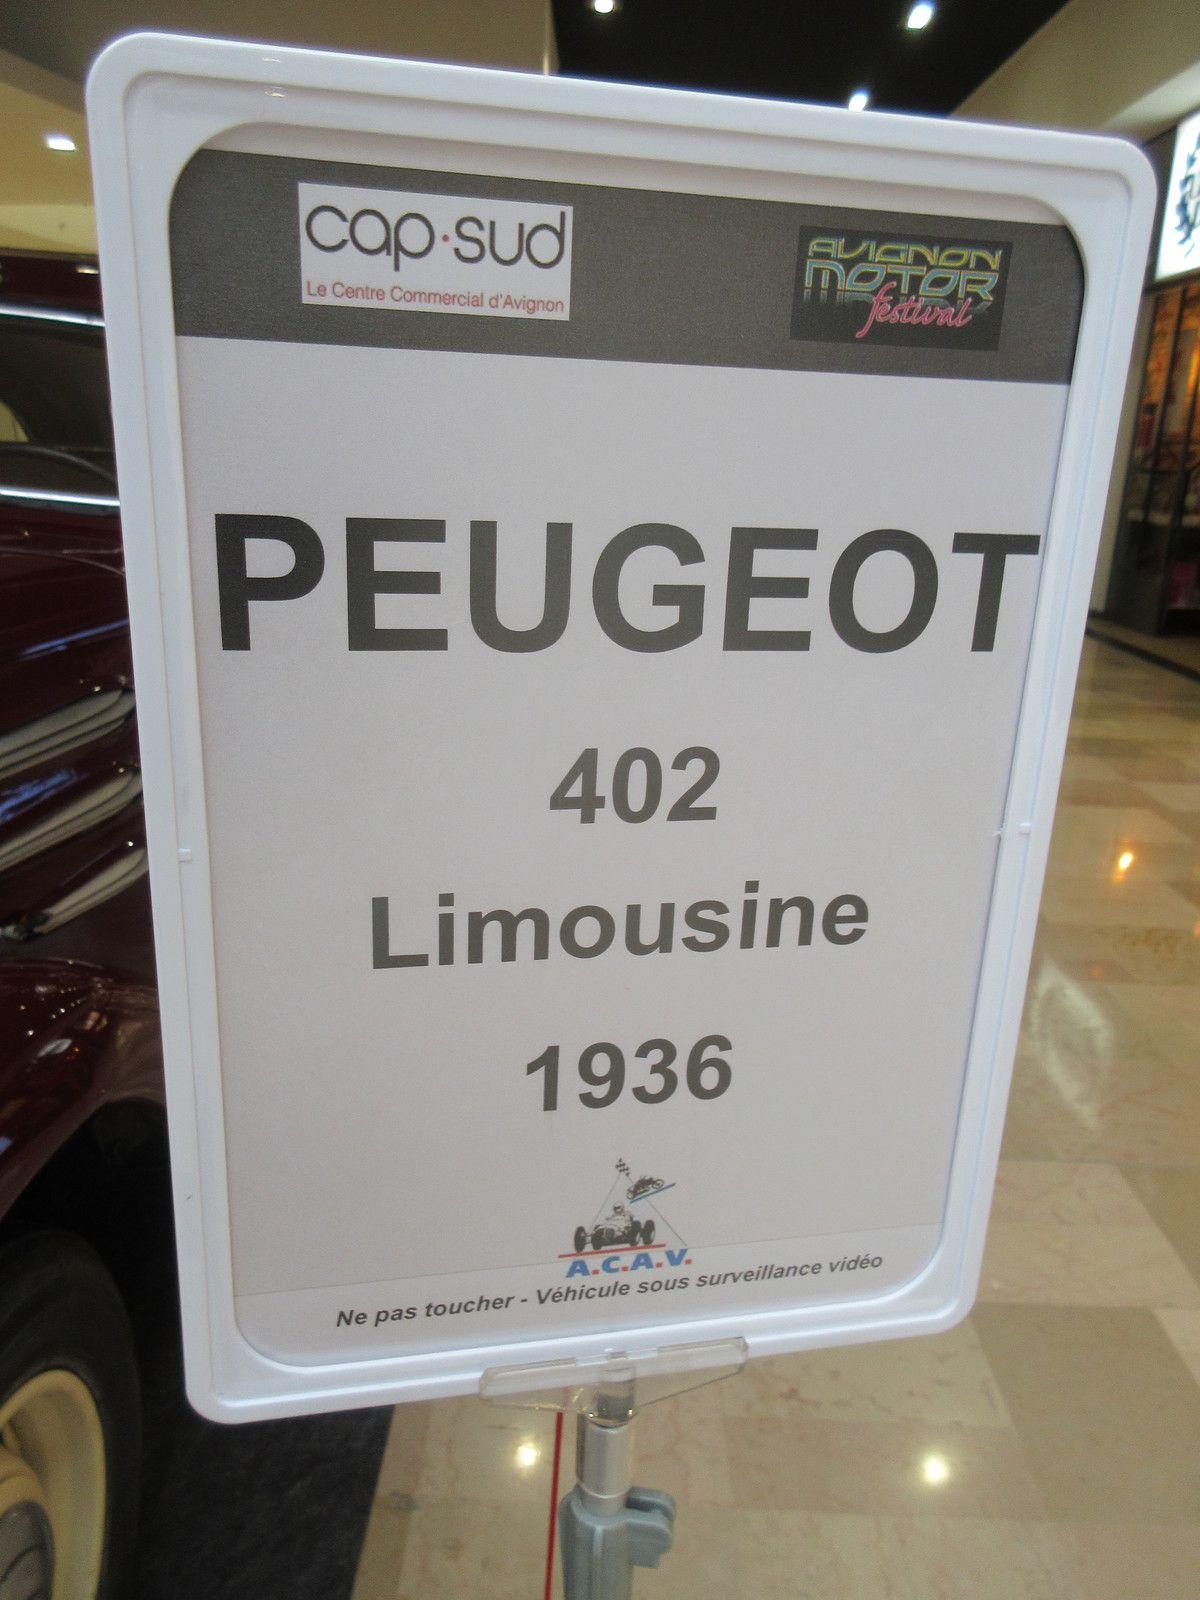 UN SIÈCLE DE LOCOMOTION - EXPOSITION DE VOITURES ANCIENNES en partenariat avec Avignon Motor Festival - Du 2 au 7 MARS 2020 au centre commercial CAP SUD